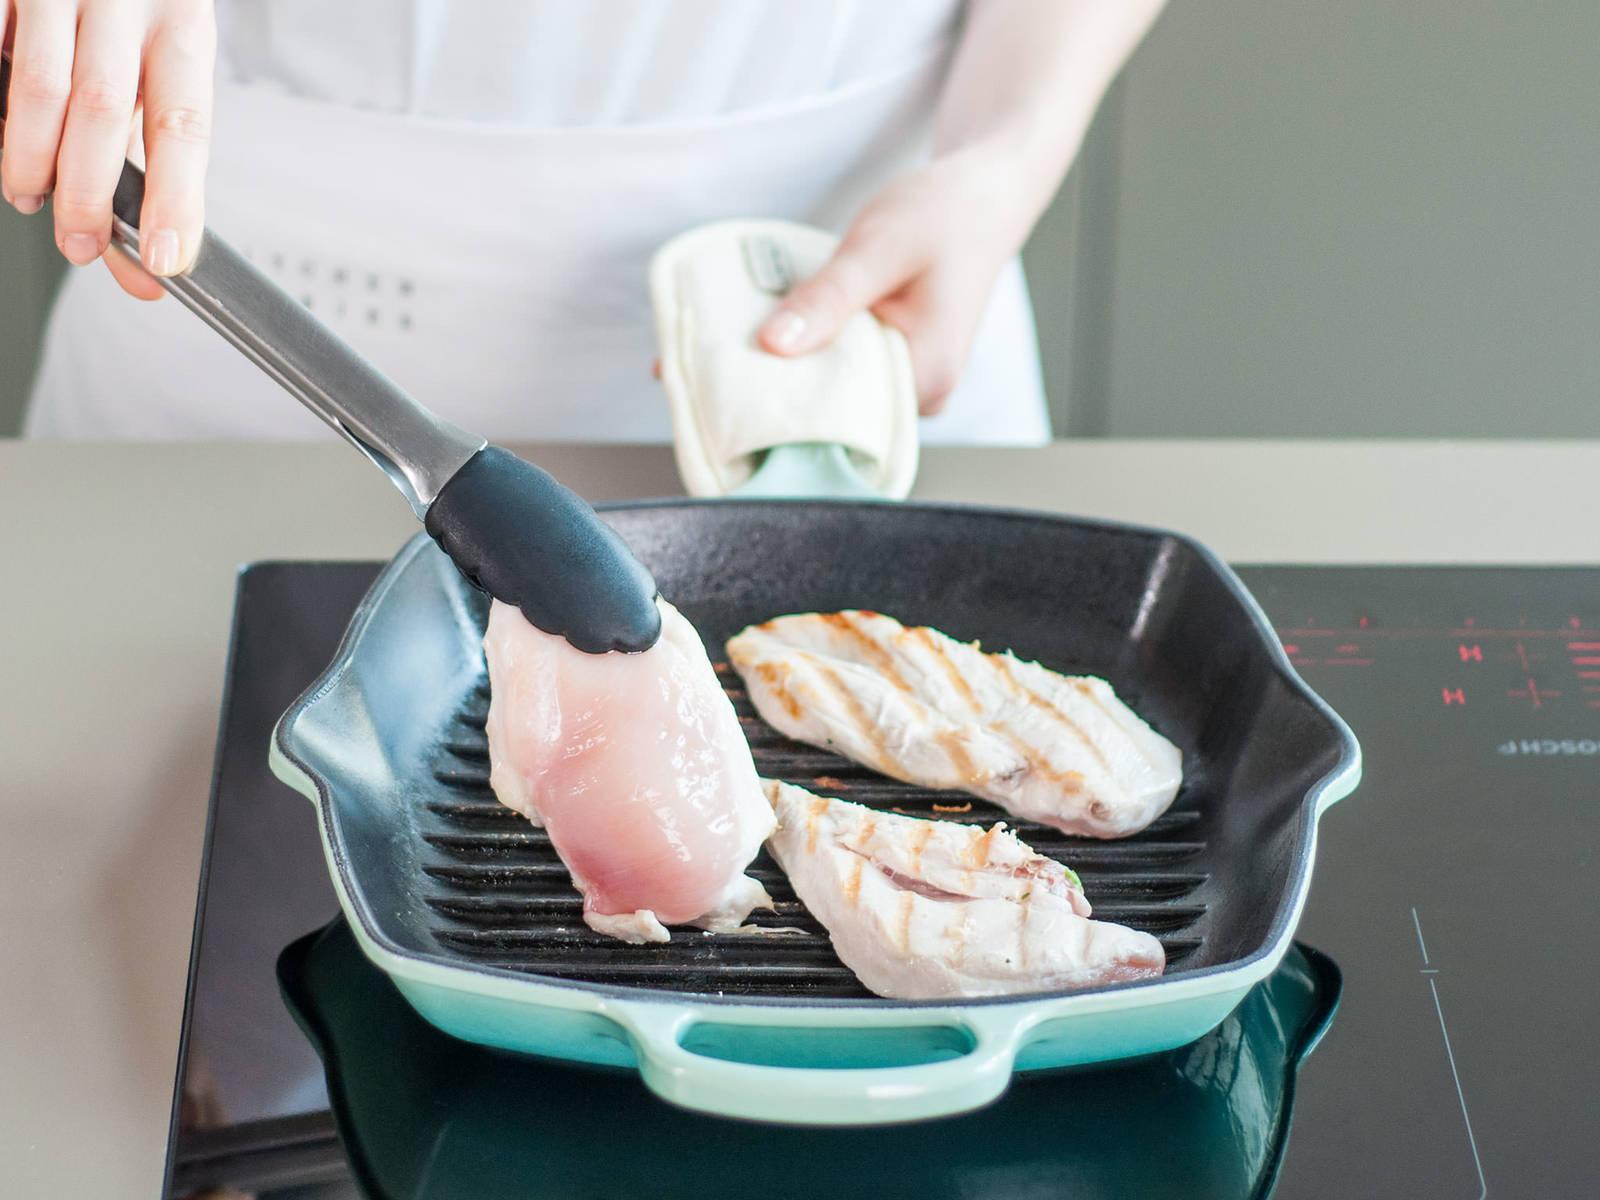 Grillpfanne auf mittlere bis hohe Stufe erhitzen und falls notwendig mit etwas Öl einfetten. Sobald der Grill heiß ist, Hähnchen darauf legen und ca. 5 Min. von jeder Seite grillen, oder bis das Hähnchen durch ist.